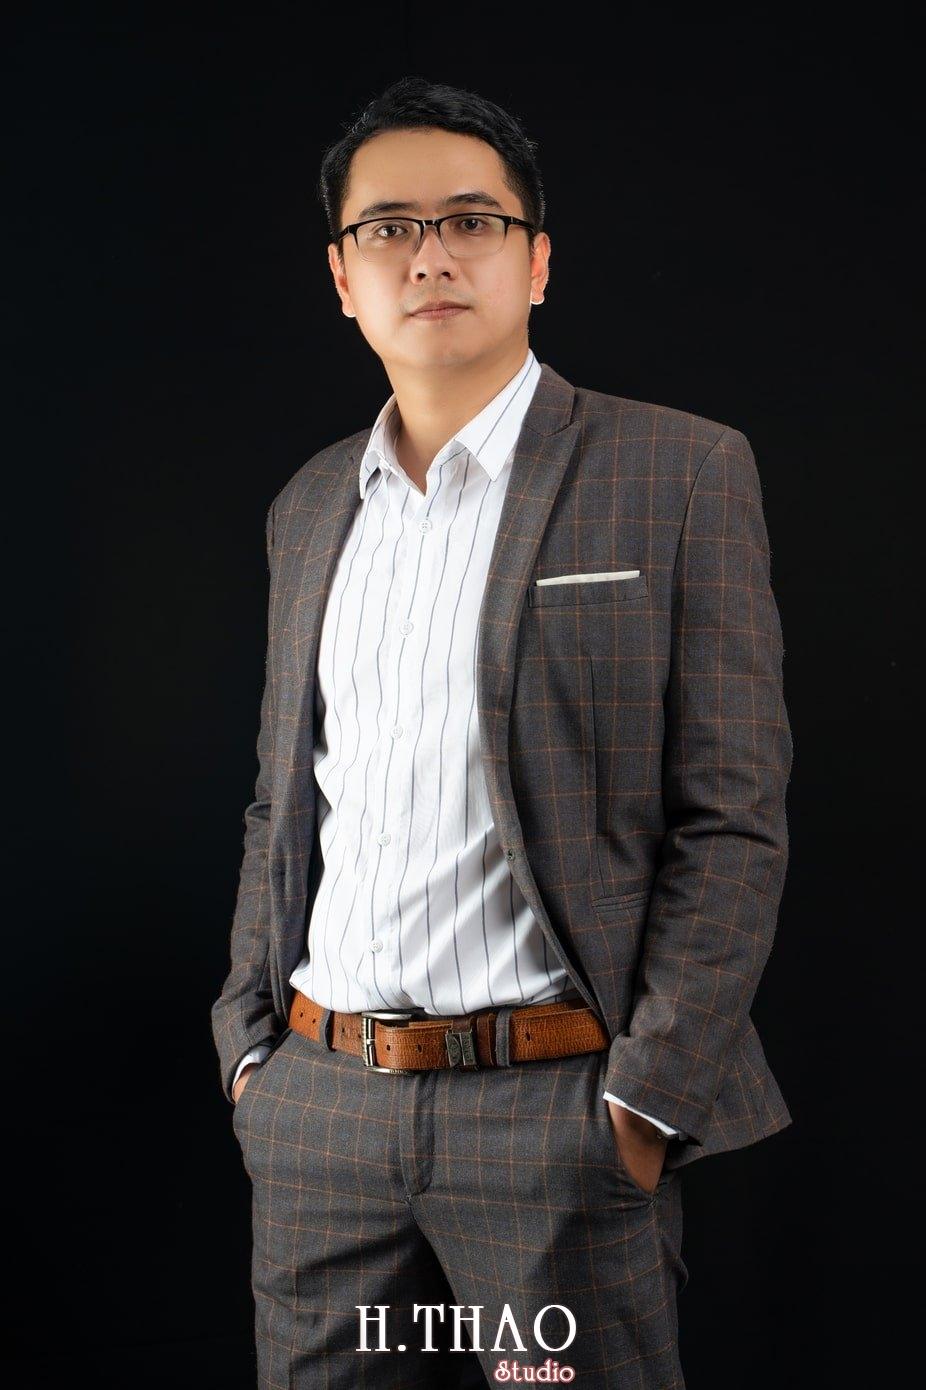 Anh Doanh nhan 43 - Tổng hợp album ảnh profile bác sĩ, luật sư, tài chính – HThao Studio